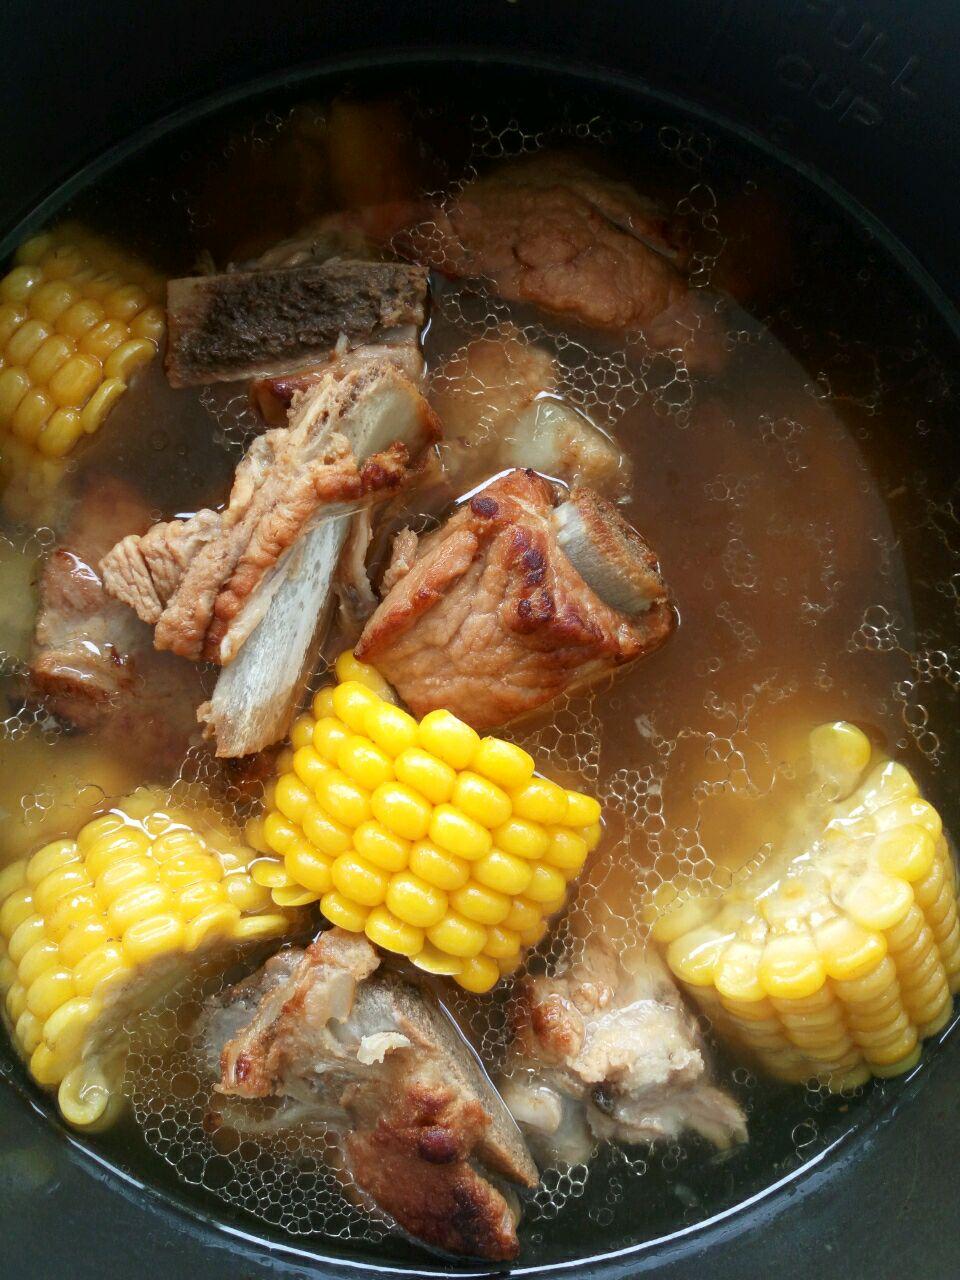 做法炖玉米的阿胶_菜谱_豆果鹅蛋排骨蒸美食可以一起吗图片